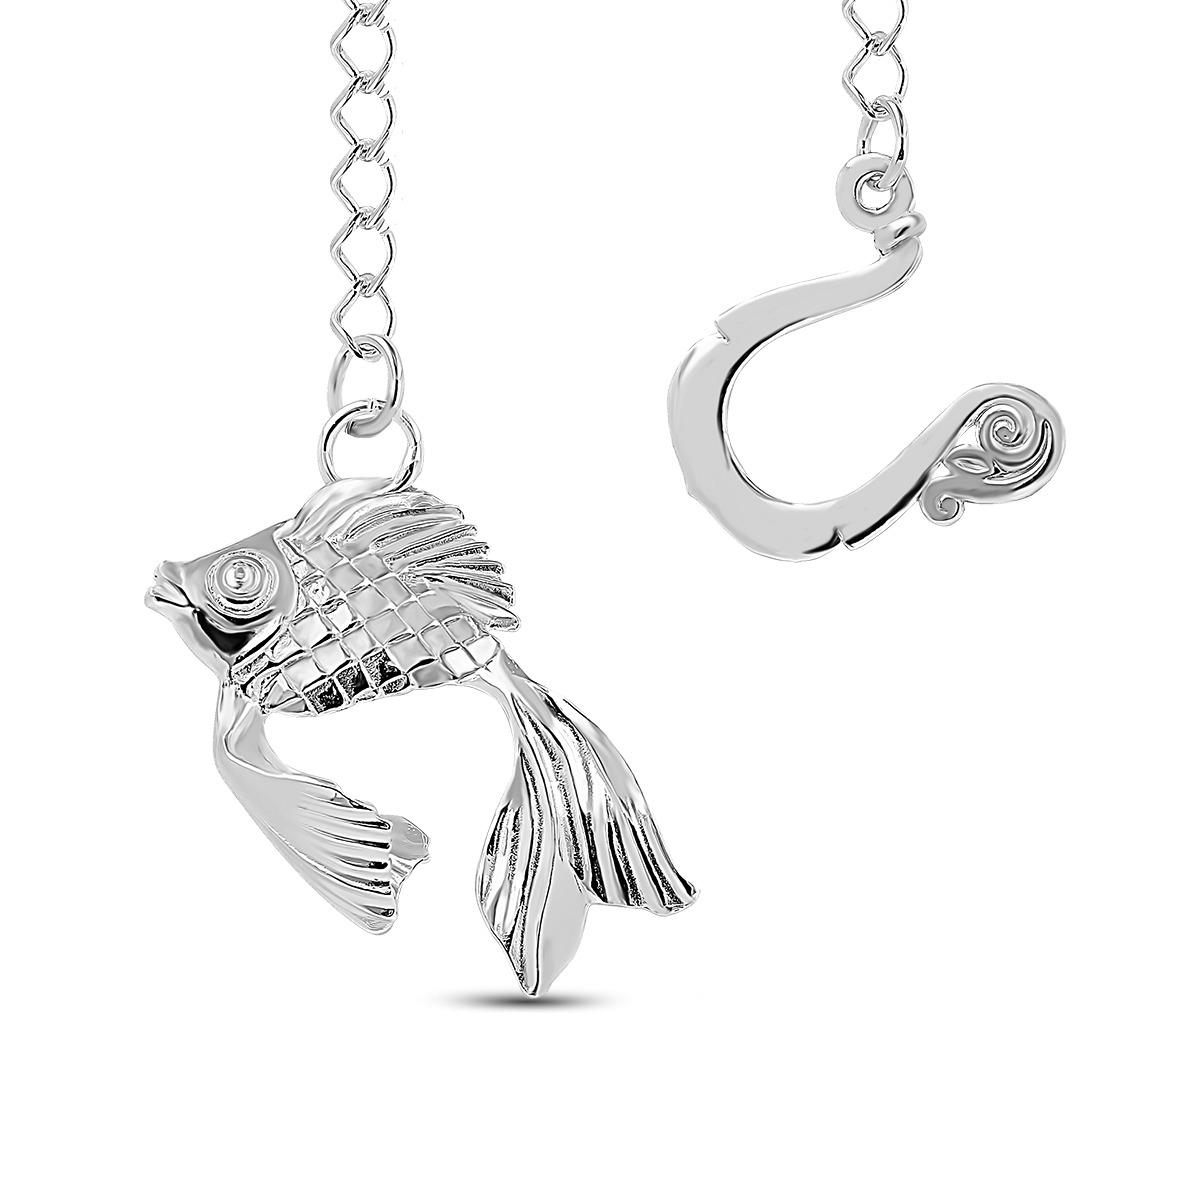 Сувенир ювелирный Серебро России из серебра (782)